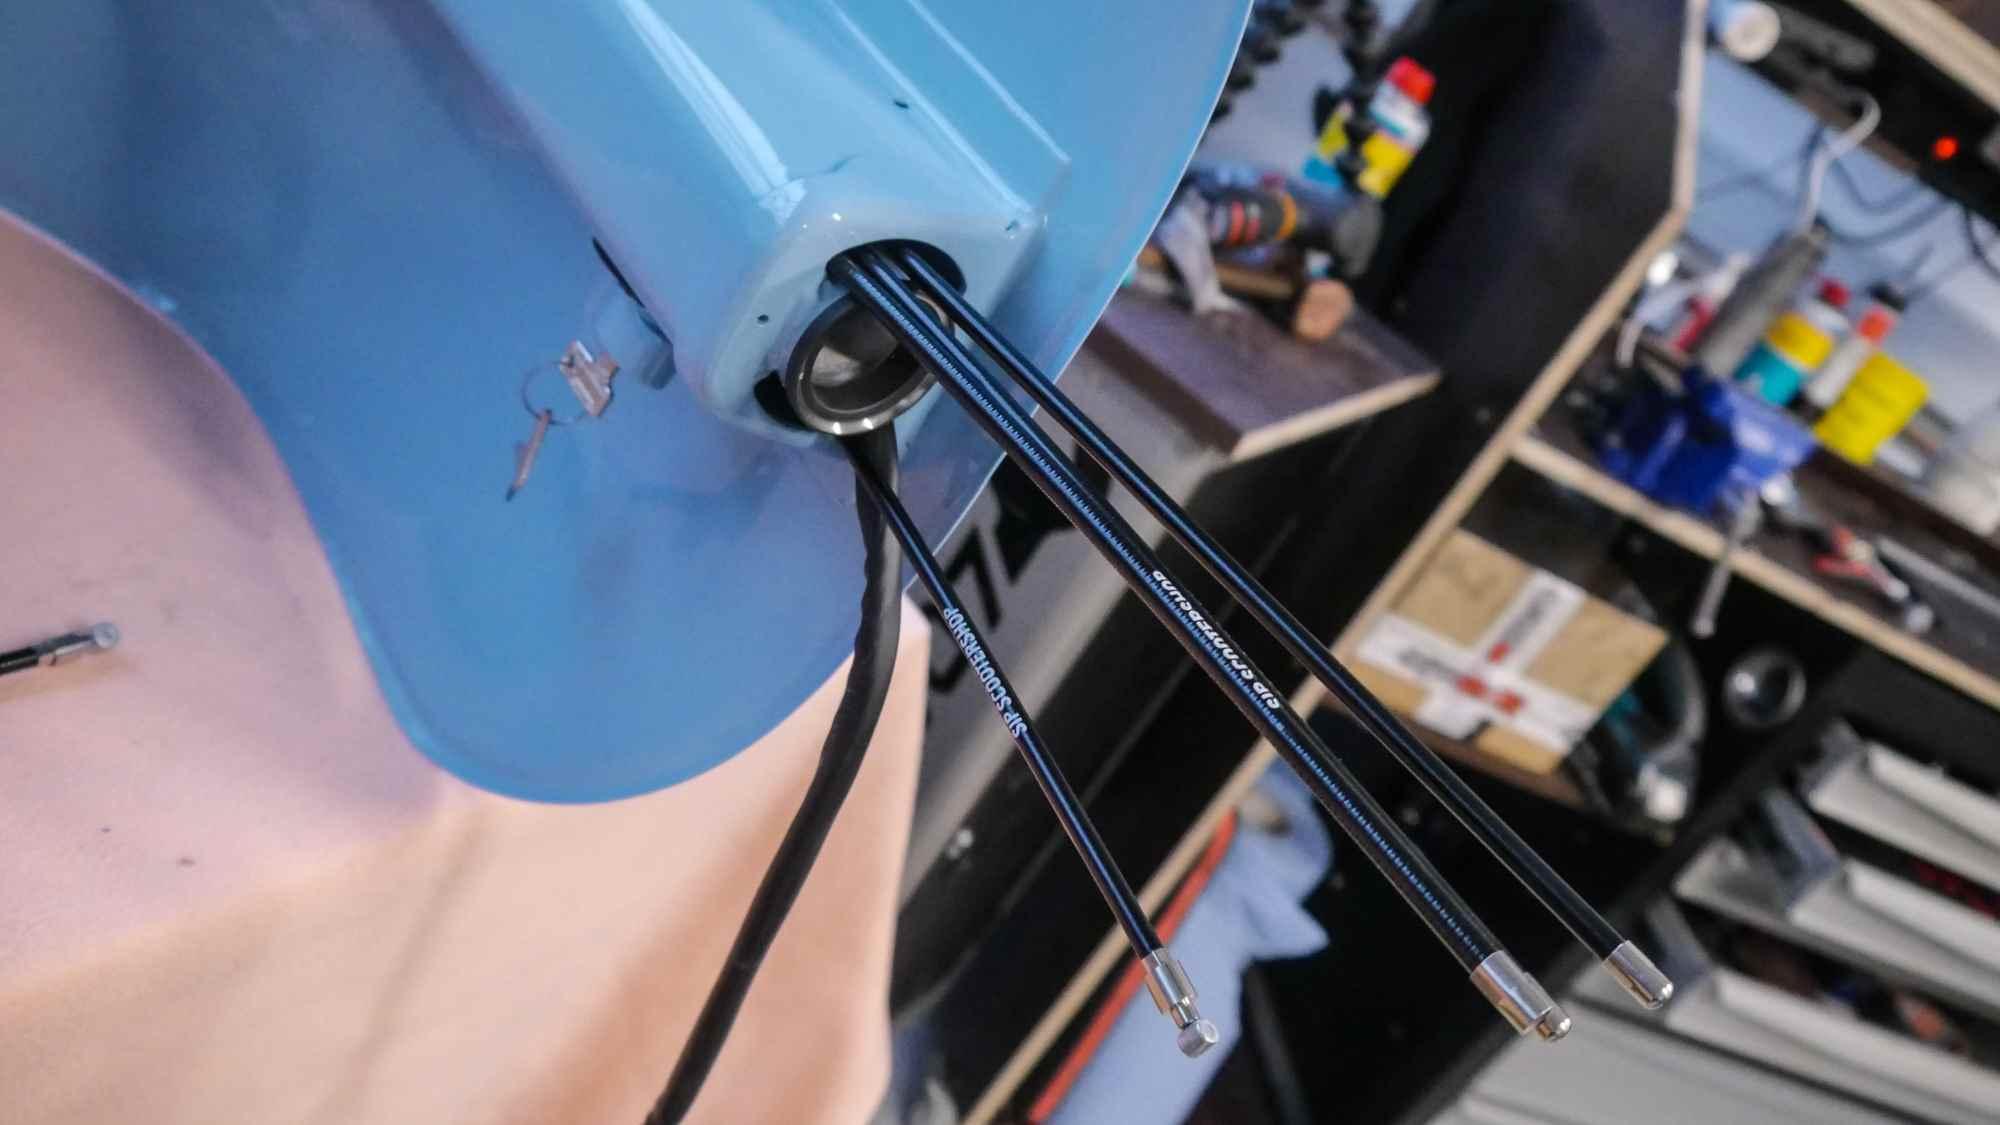 Kabel und Seilzüge am Lenkkopf Vespa V50